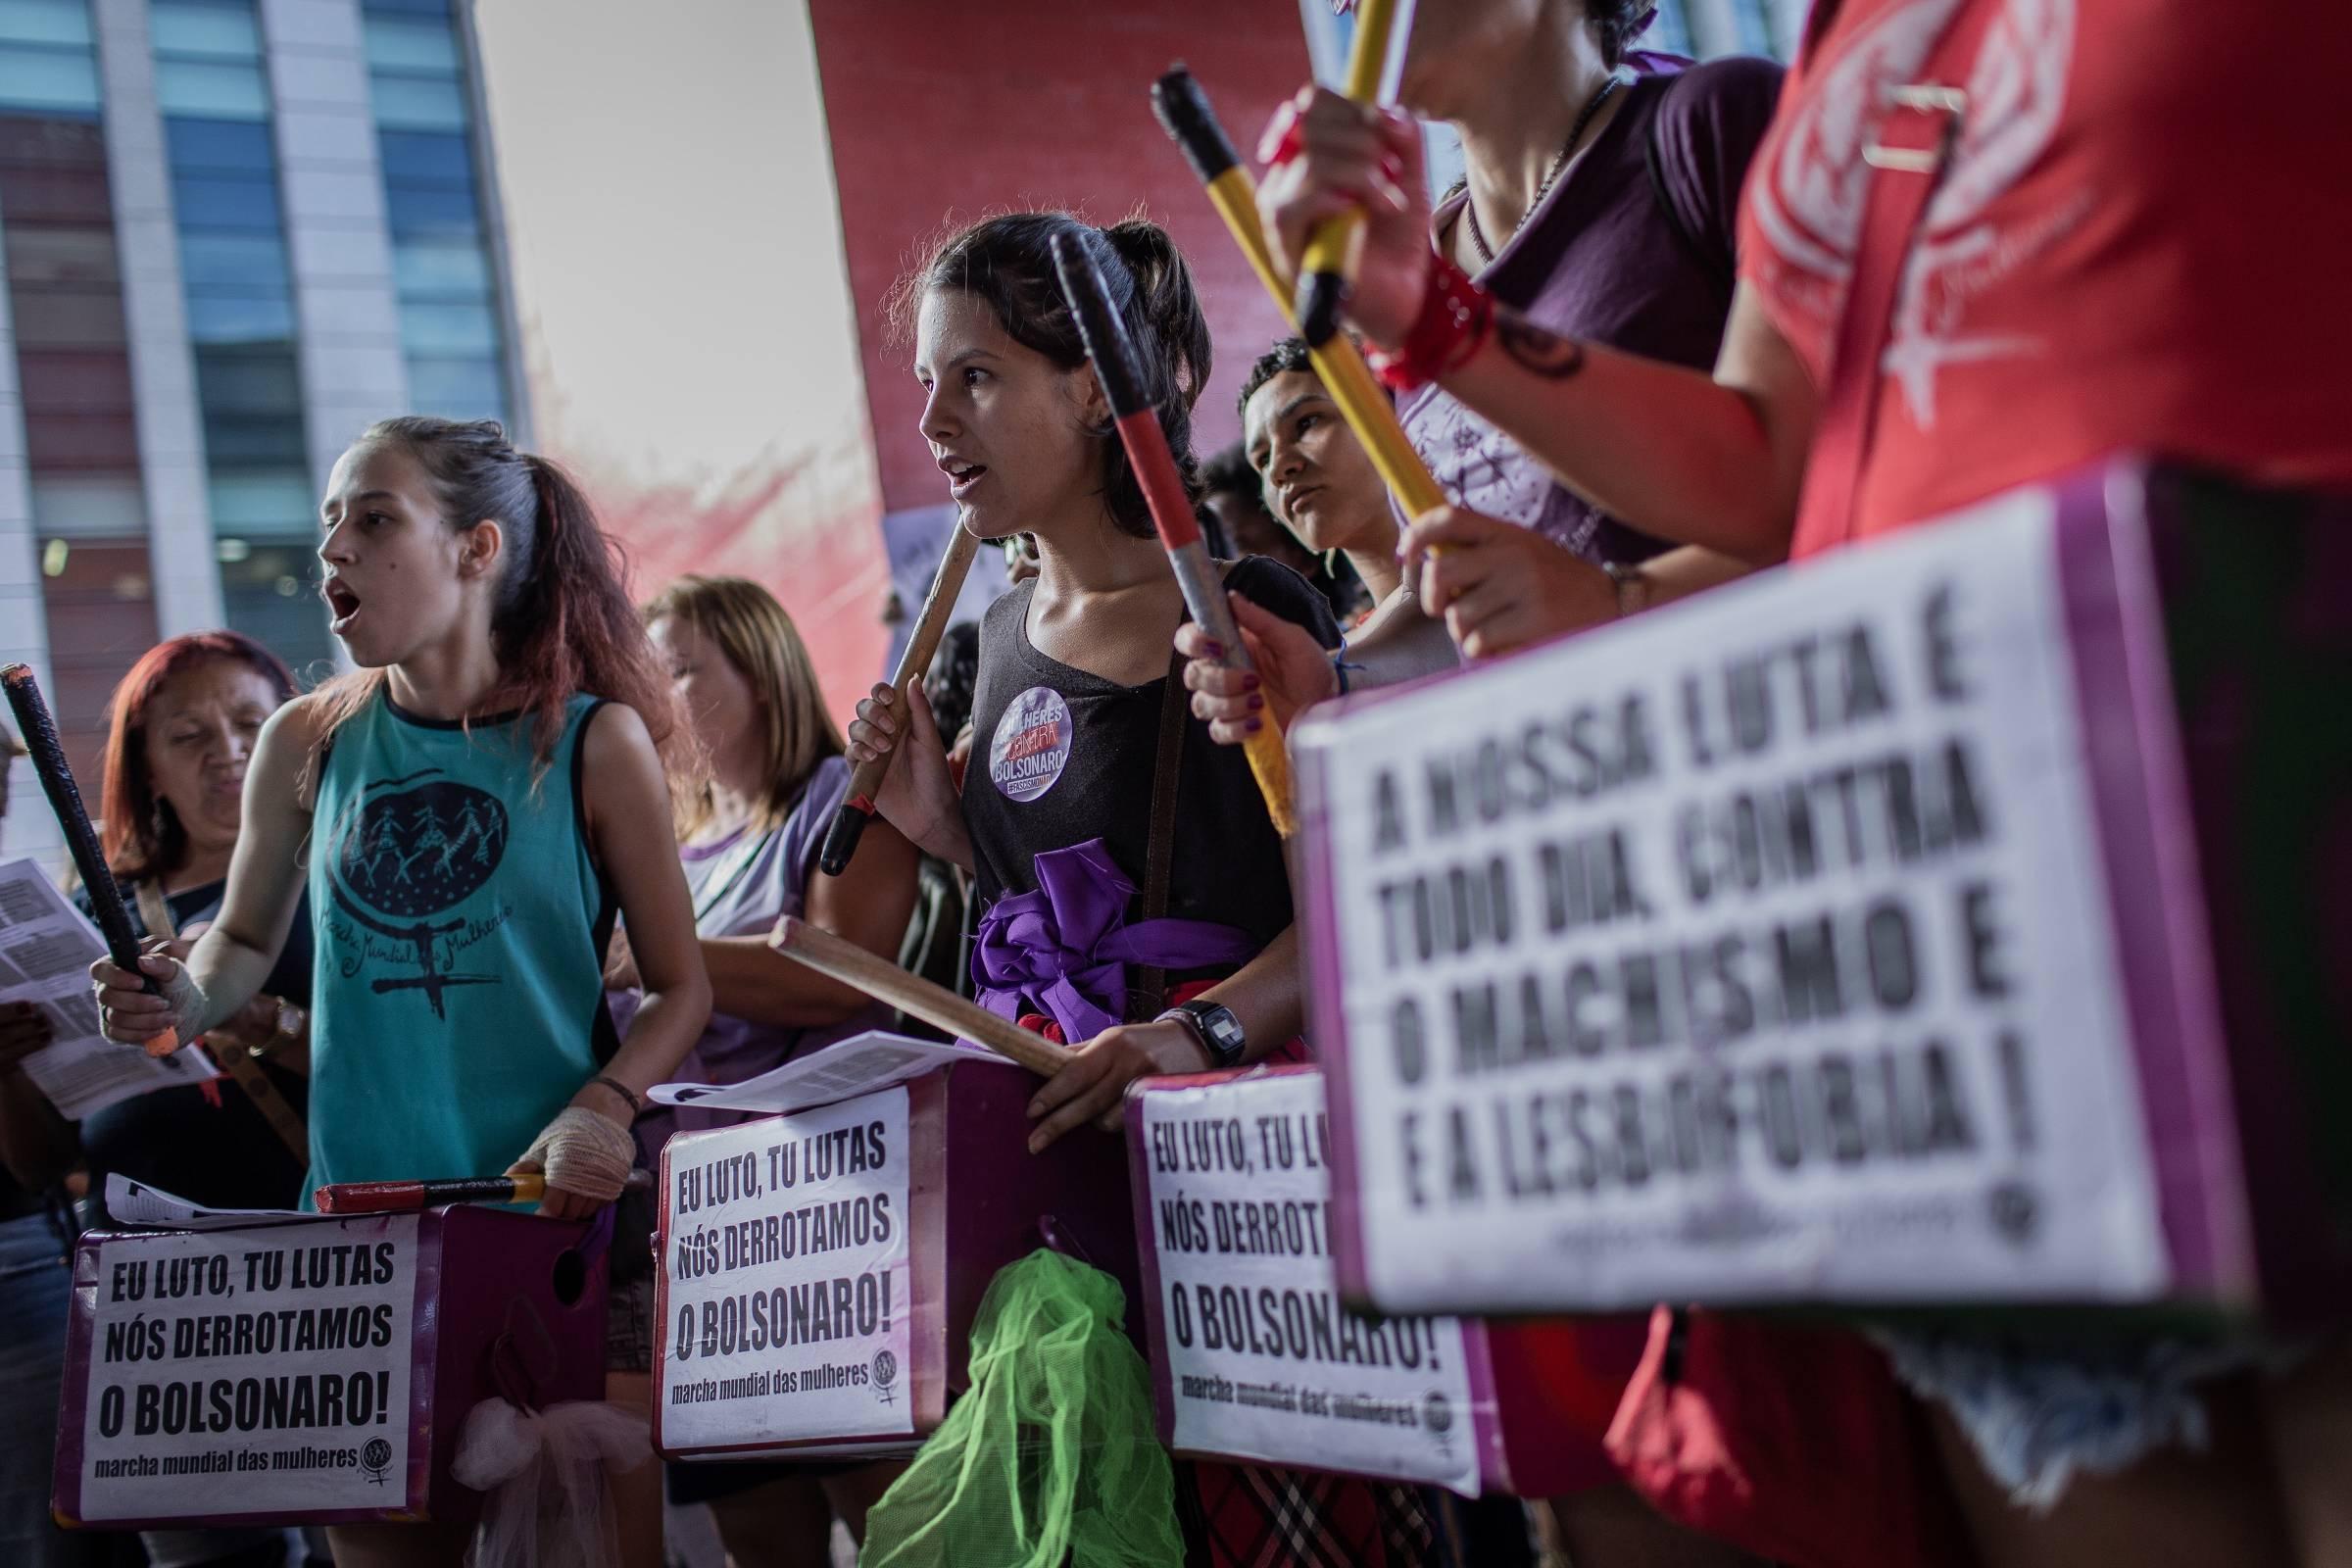 897b05134 Por que o feminismo é rejeitado por tantas mulheres  - 15 03 2019 - Mariliz  Pereira Jorge - Folha